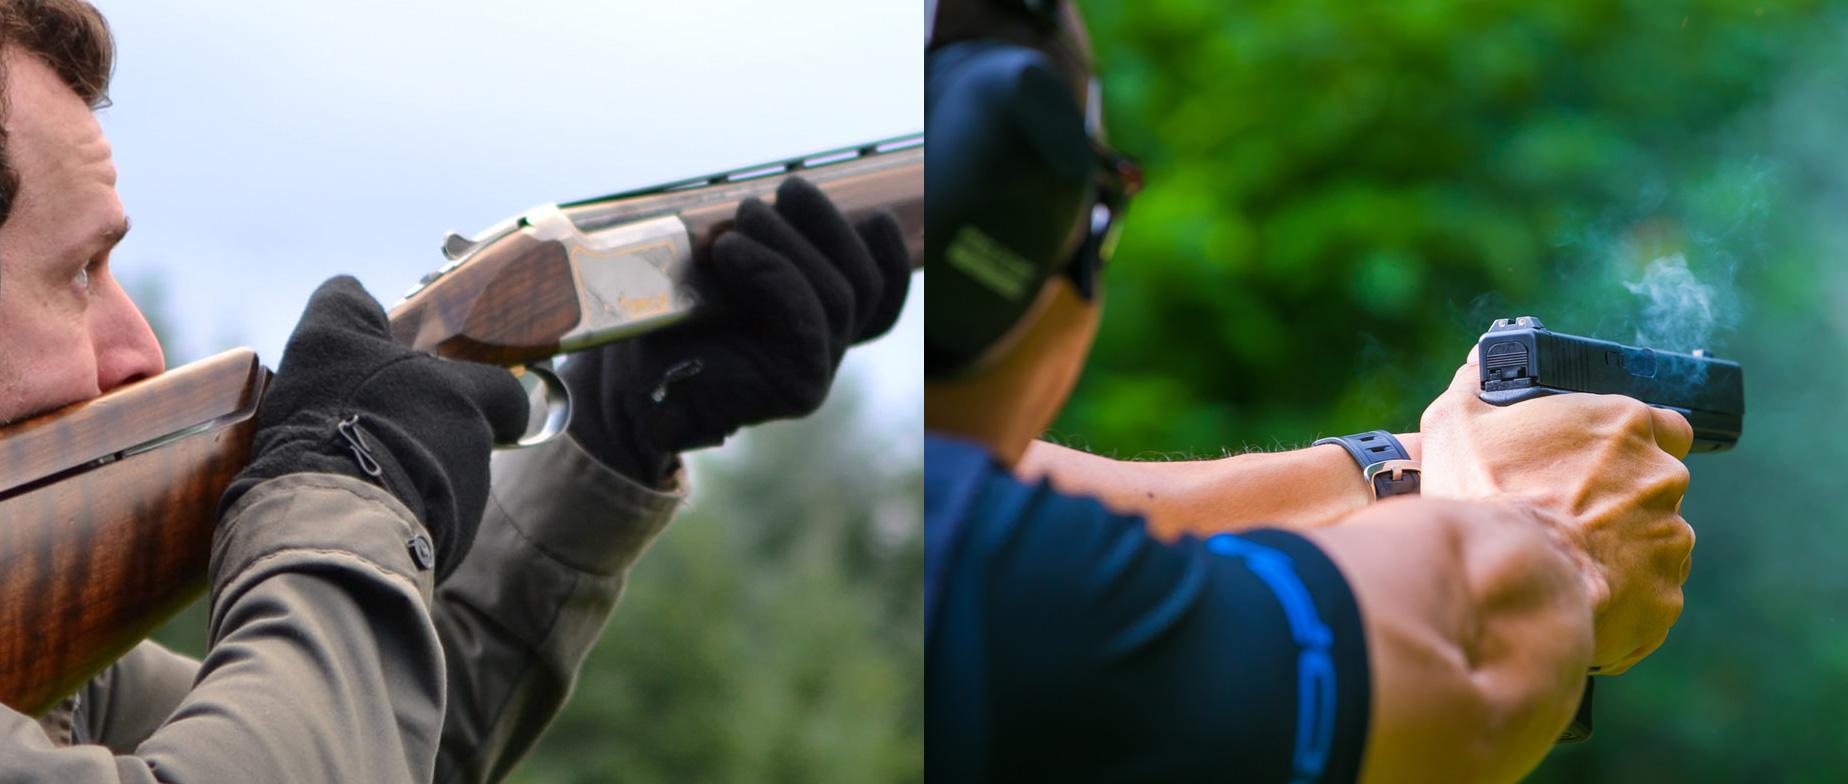 Agyaggalamb + pisztoly lövészet olimpiai trap és skeet pályán az erdőben